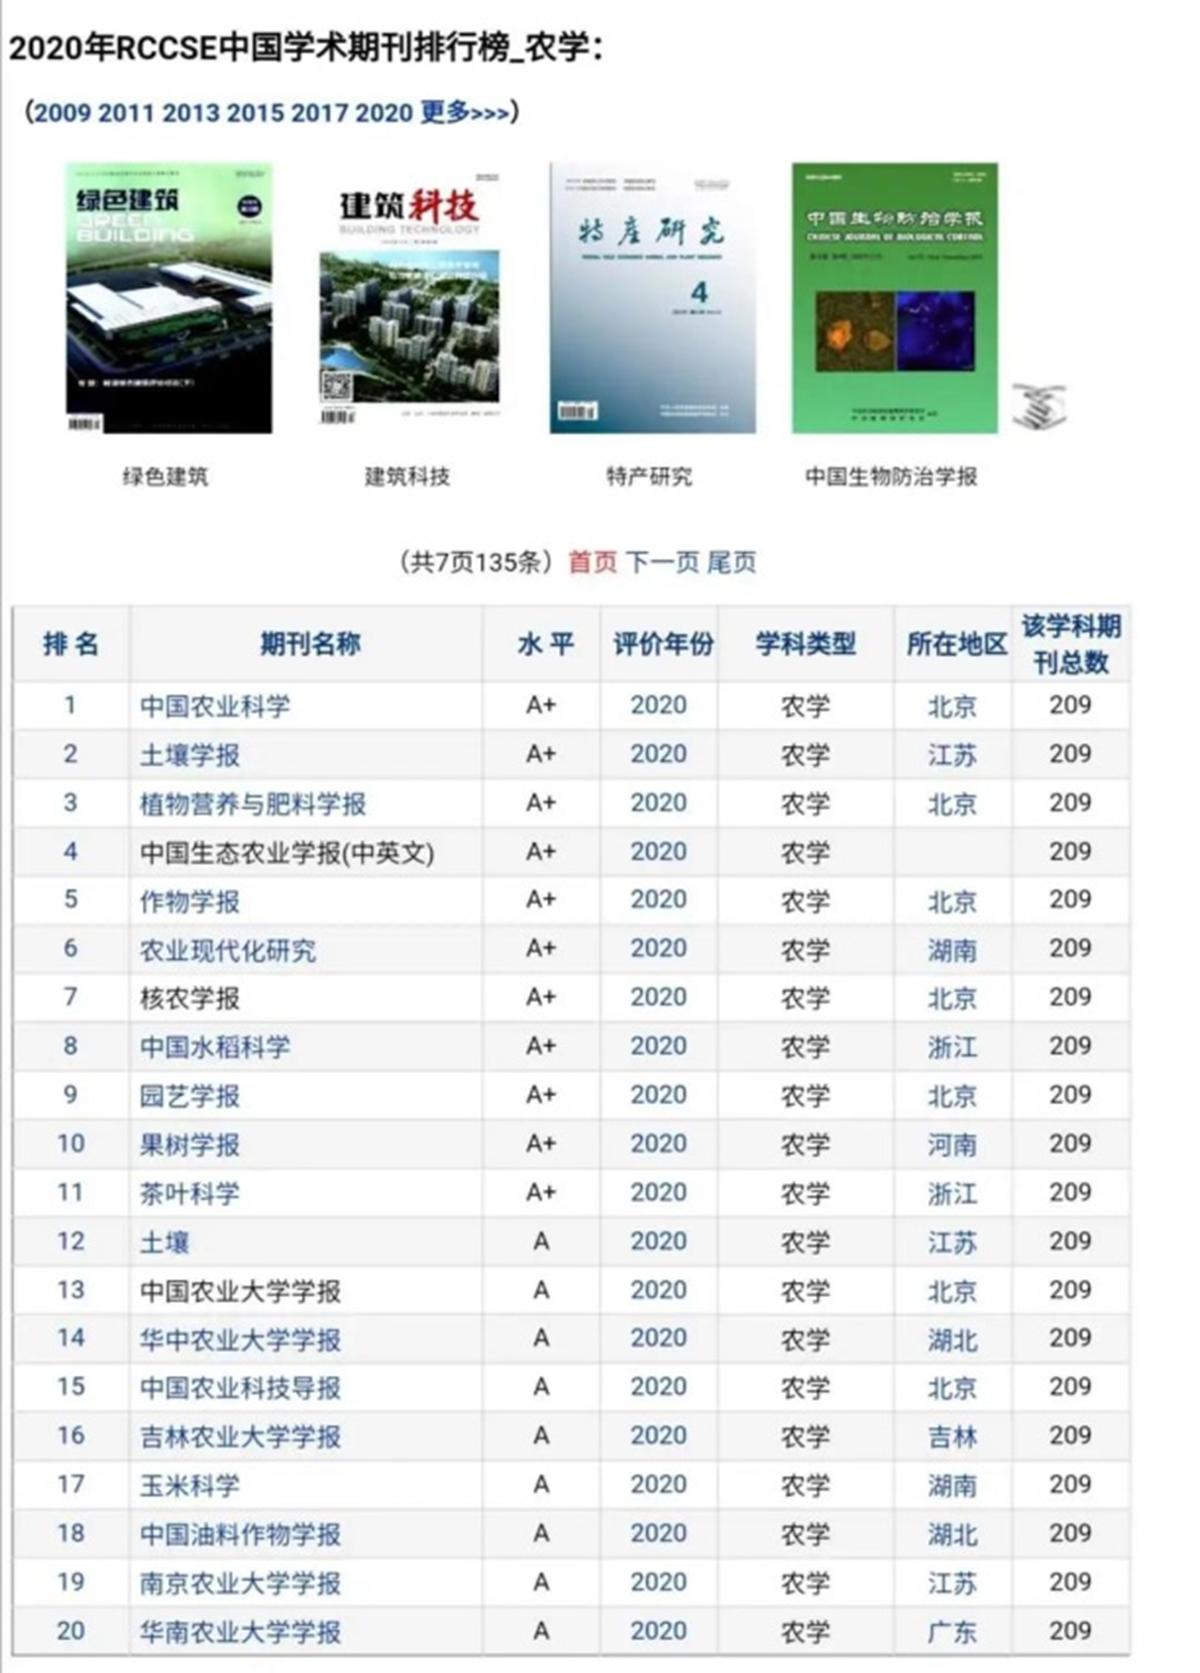 2020年RCCSE中国学术期刊排行榜-农学